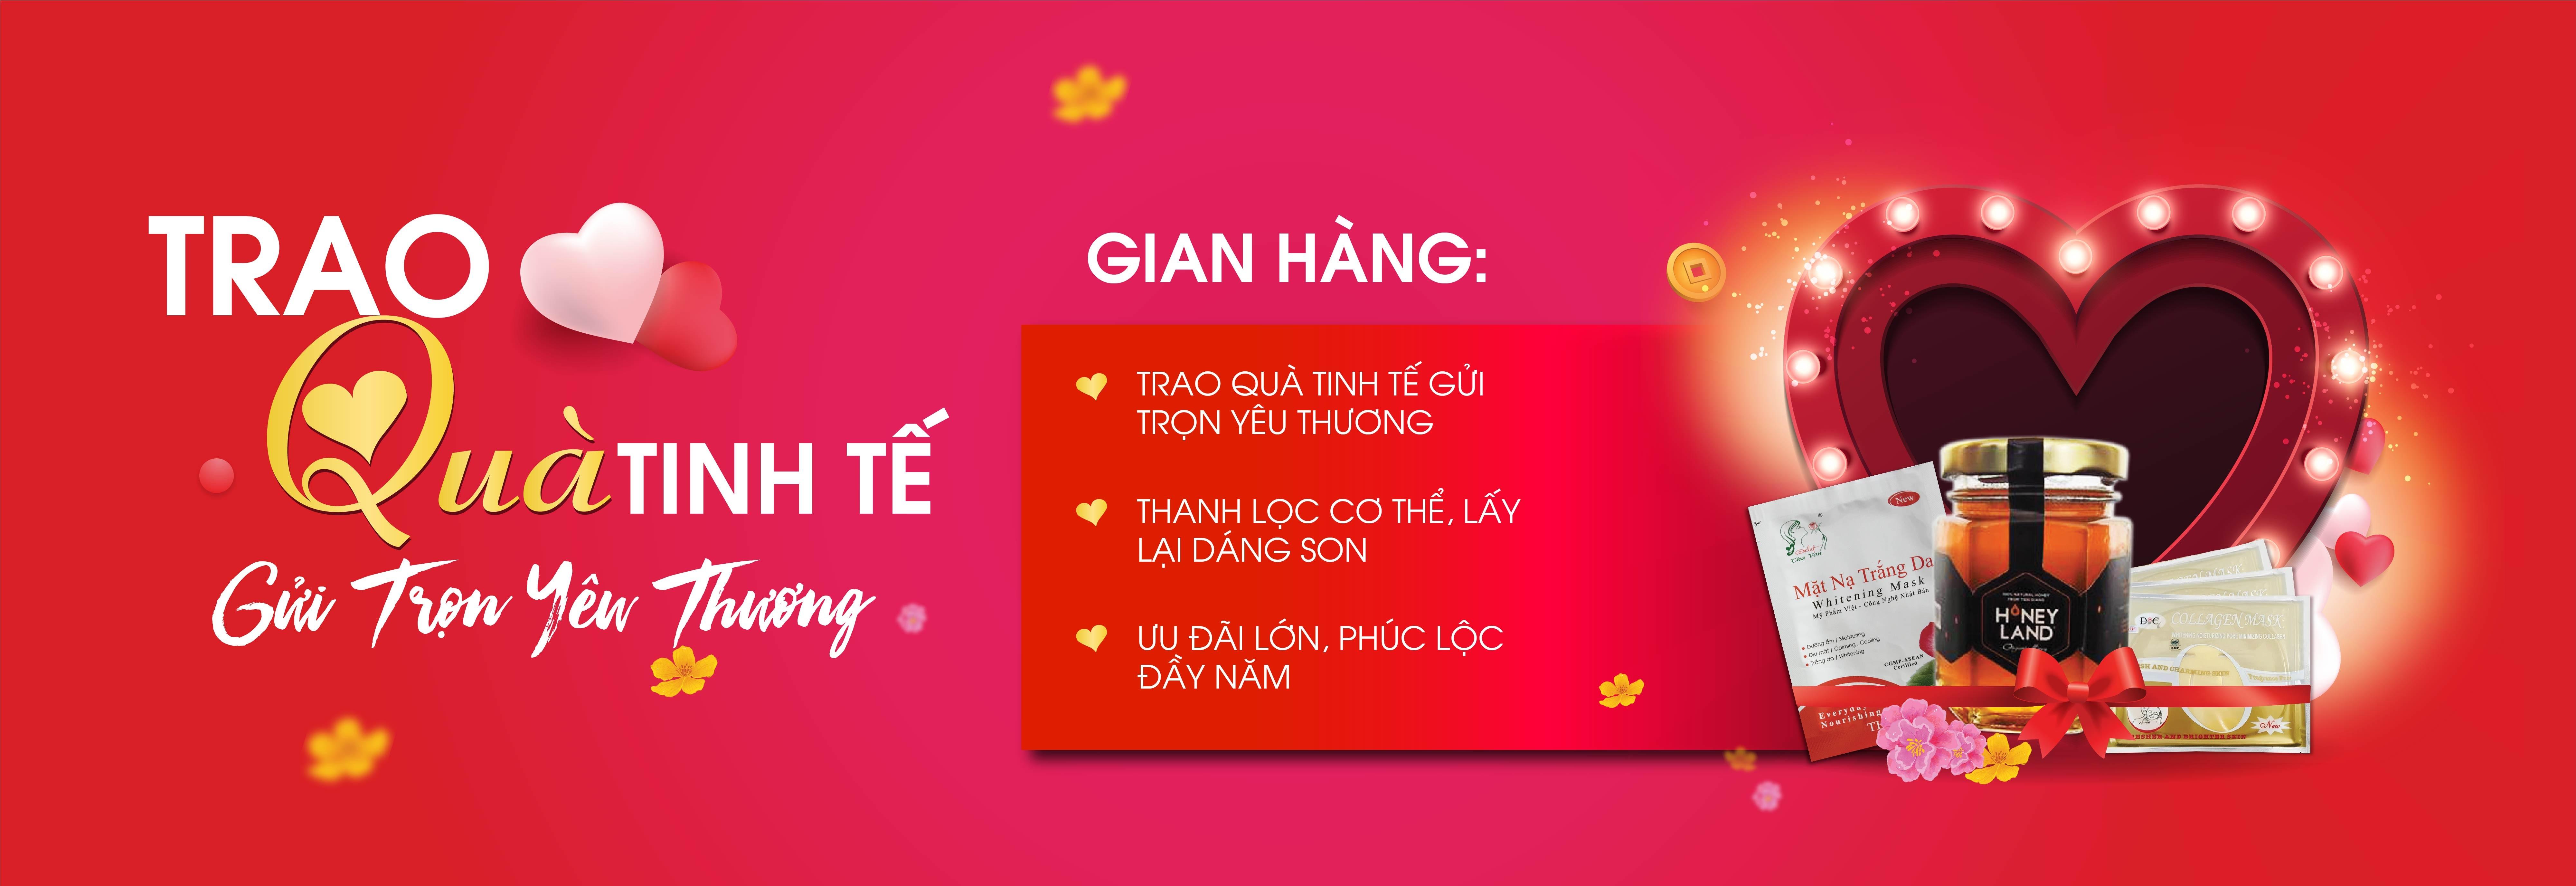 Trao Quà Tinh Tế - 3 Gian Hàng I CTKM tháng 2